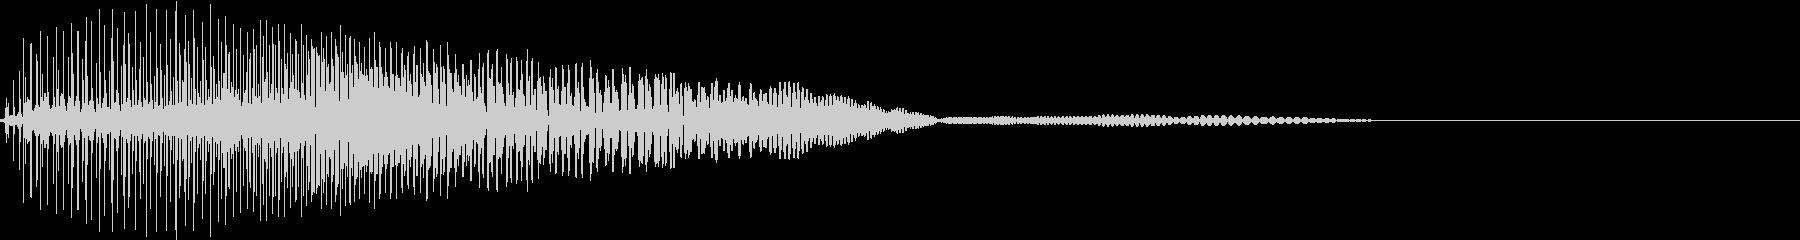 Game ヨッシー風のキャラクター選択音の未再生の波形